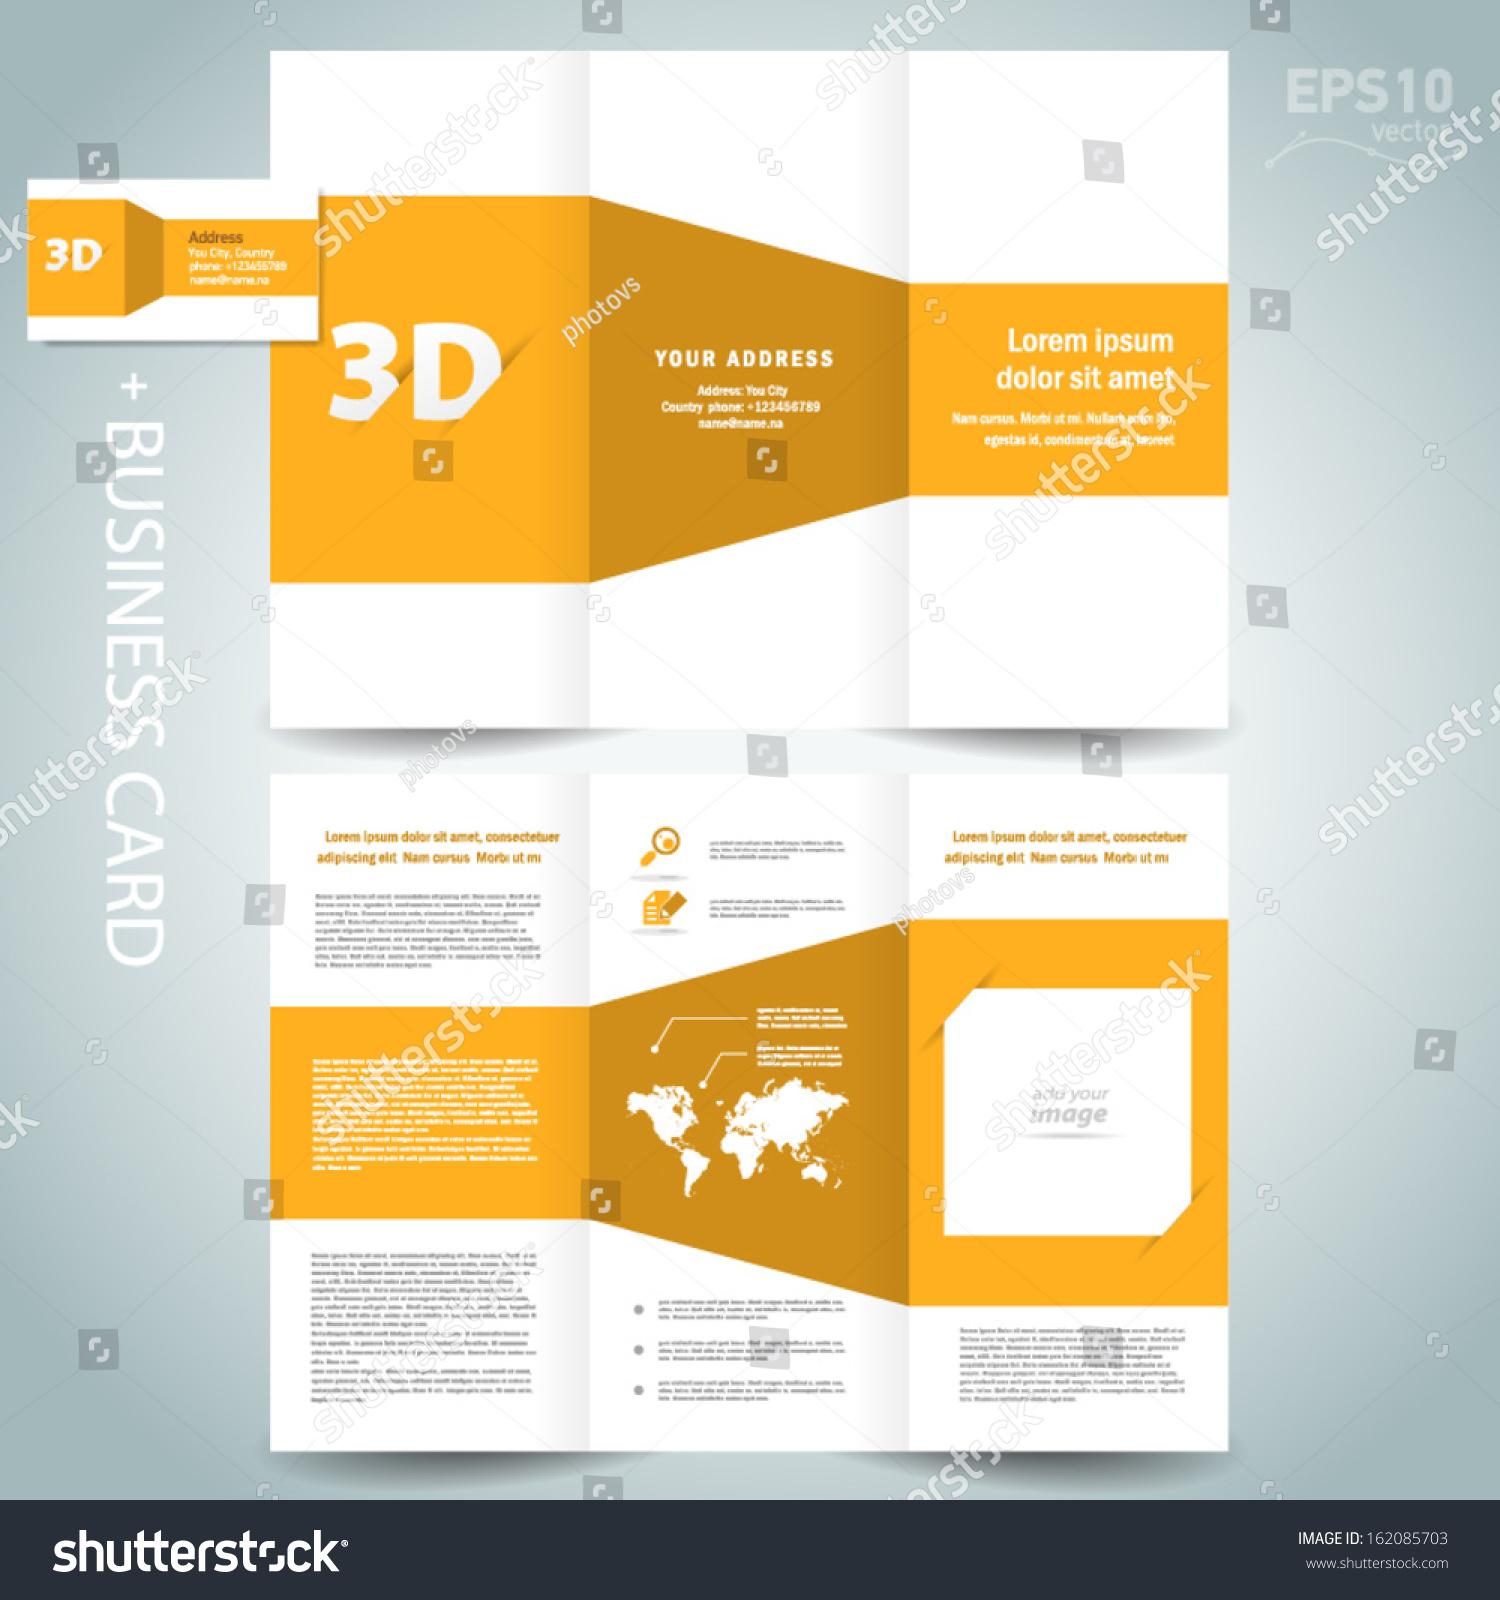 3d dimensional design brochure template folder leaflet for 3d brochure design